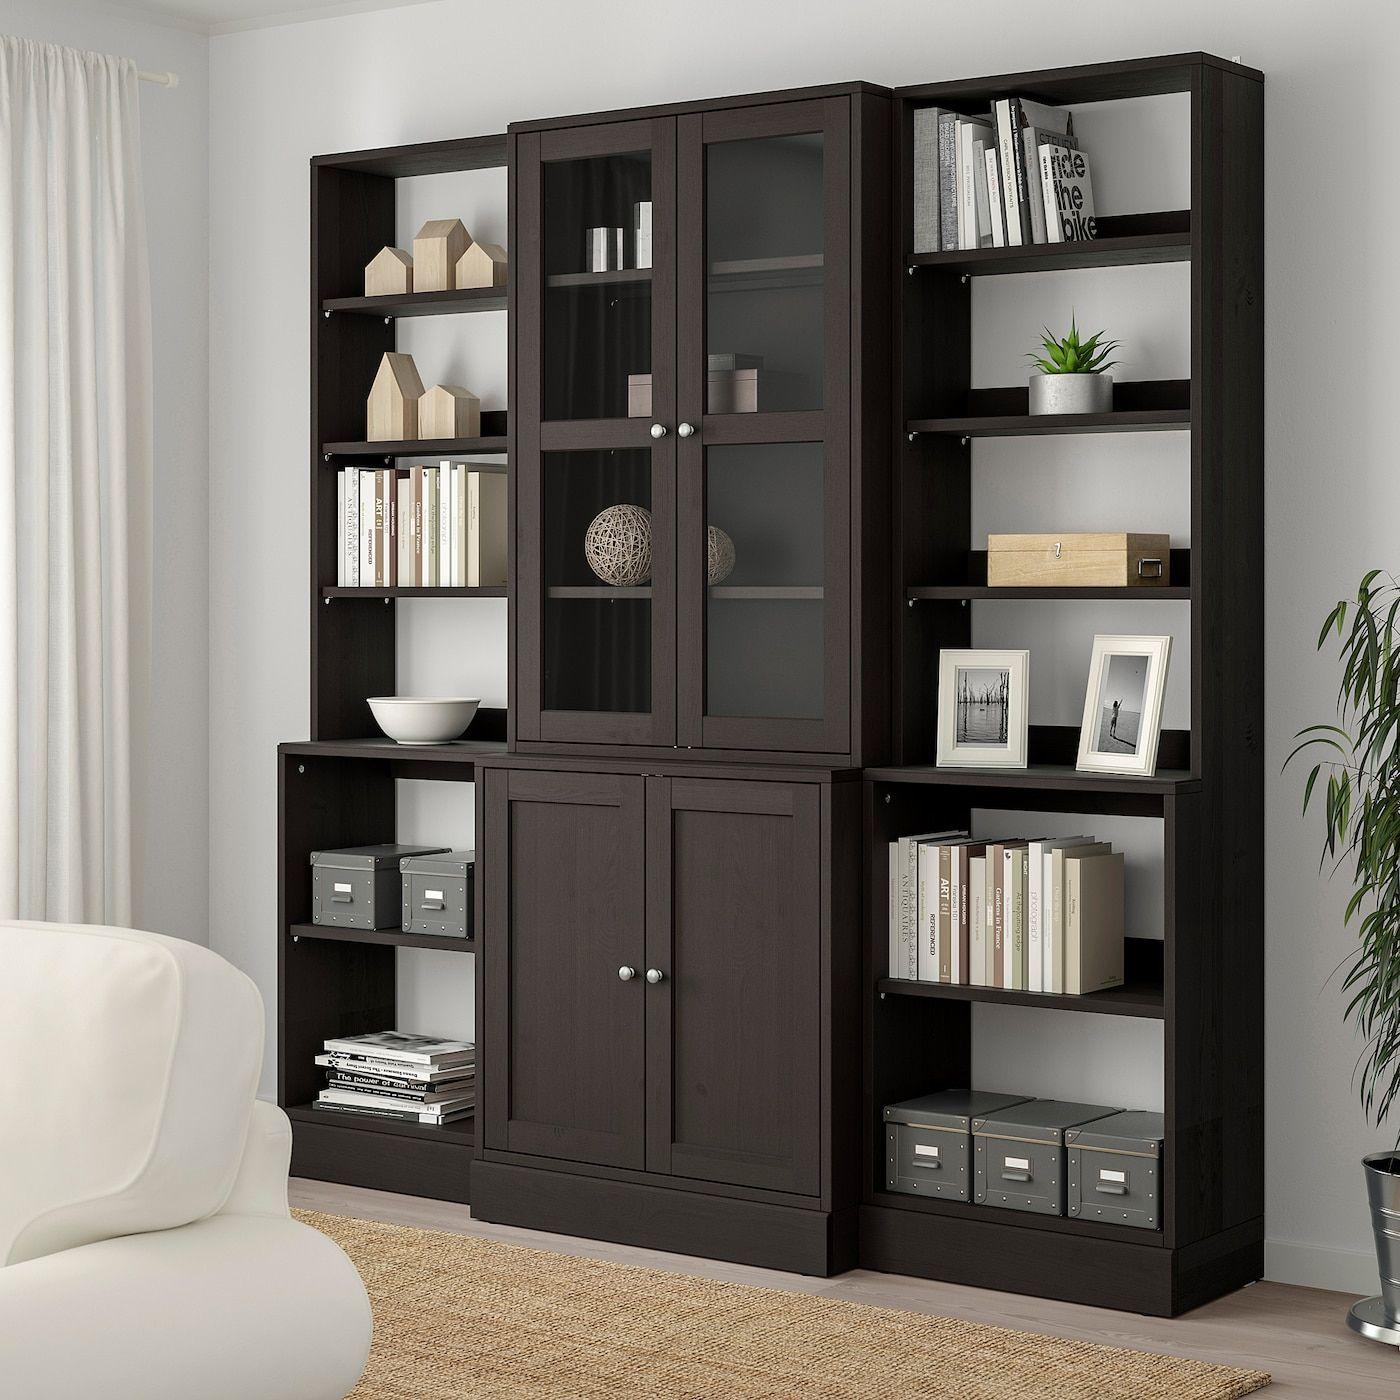 IKEA HAVSTA Showcase – dark brown